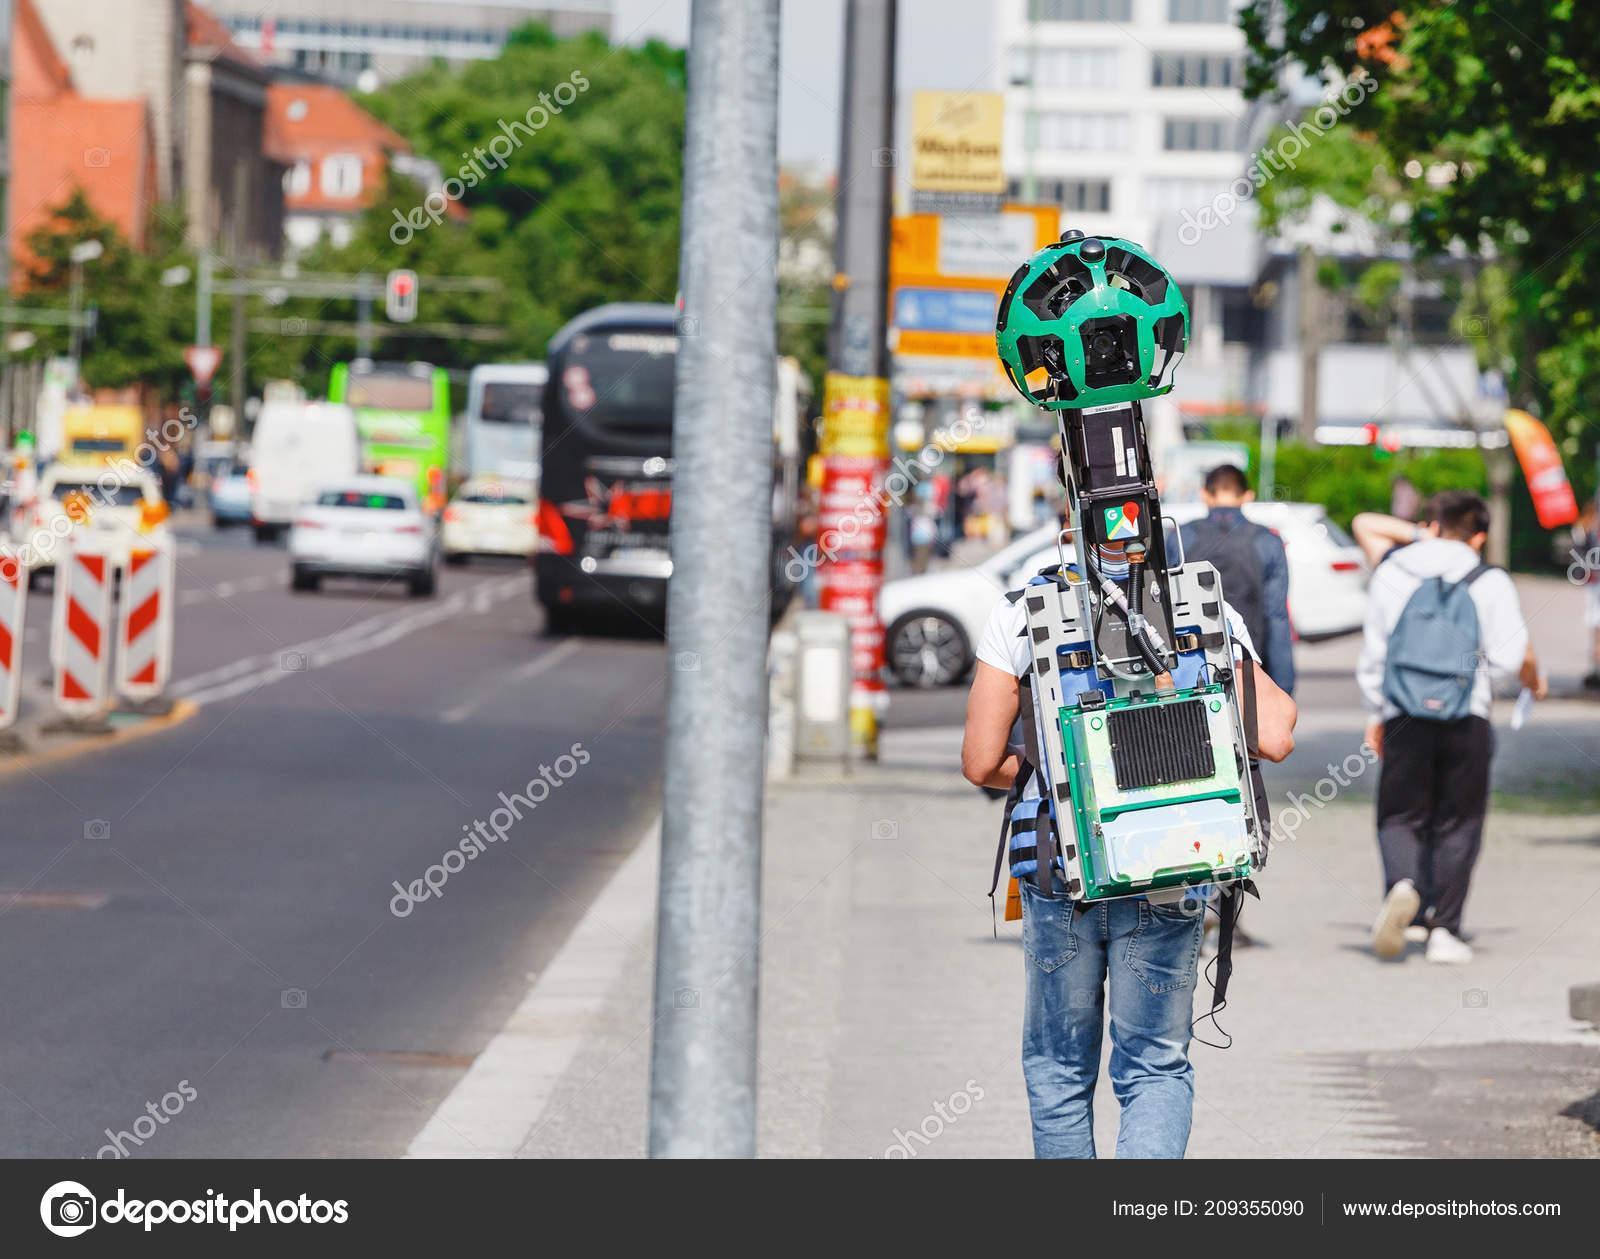 Mayıs 2018 Berlin Almanya Google Corporation Genç Adam şehir Cadde